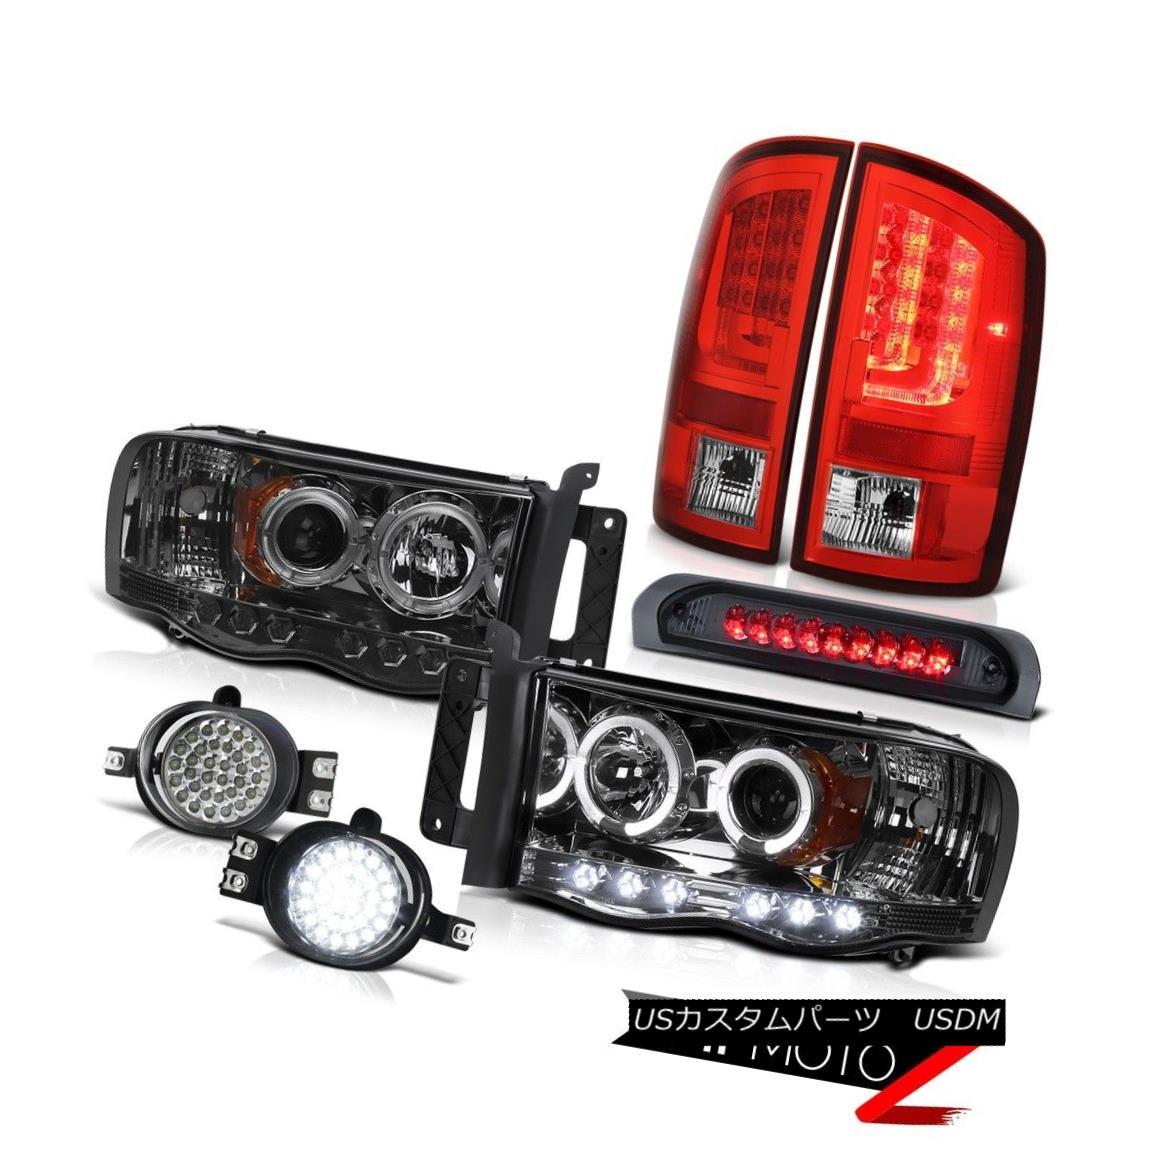 テールライト 2003-2005 Dodge Ram 1500 3.7L Red Tail Lamps Headlamps Fog Roof Cargo Lamp LED 2003-2005ダッジラム1500 3.7LレッドテールランプヘッドランプフォグルーフカーゴランプLED